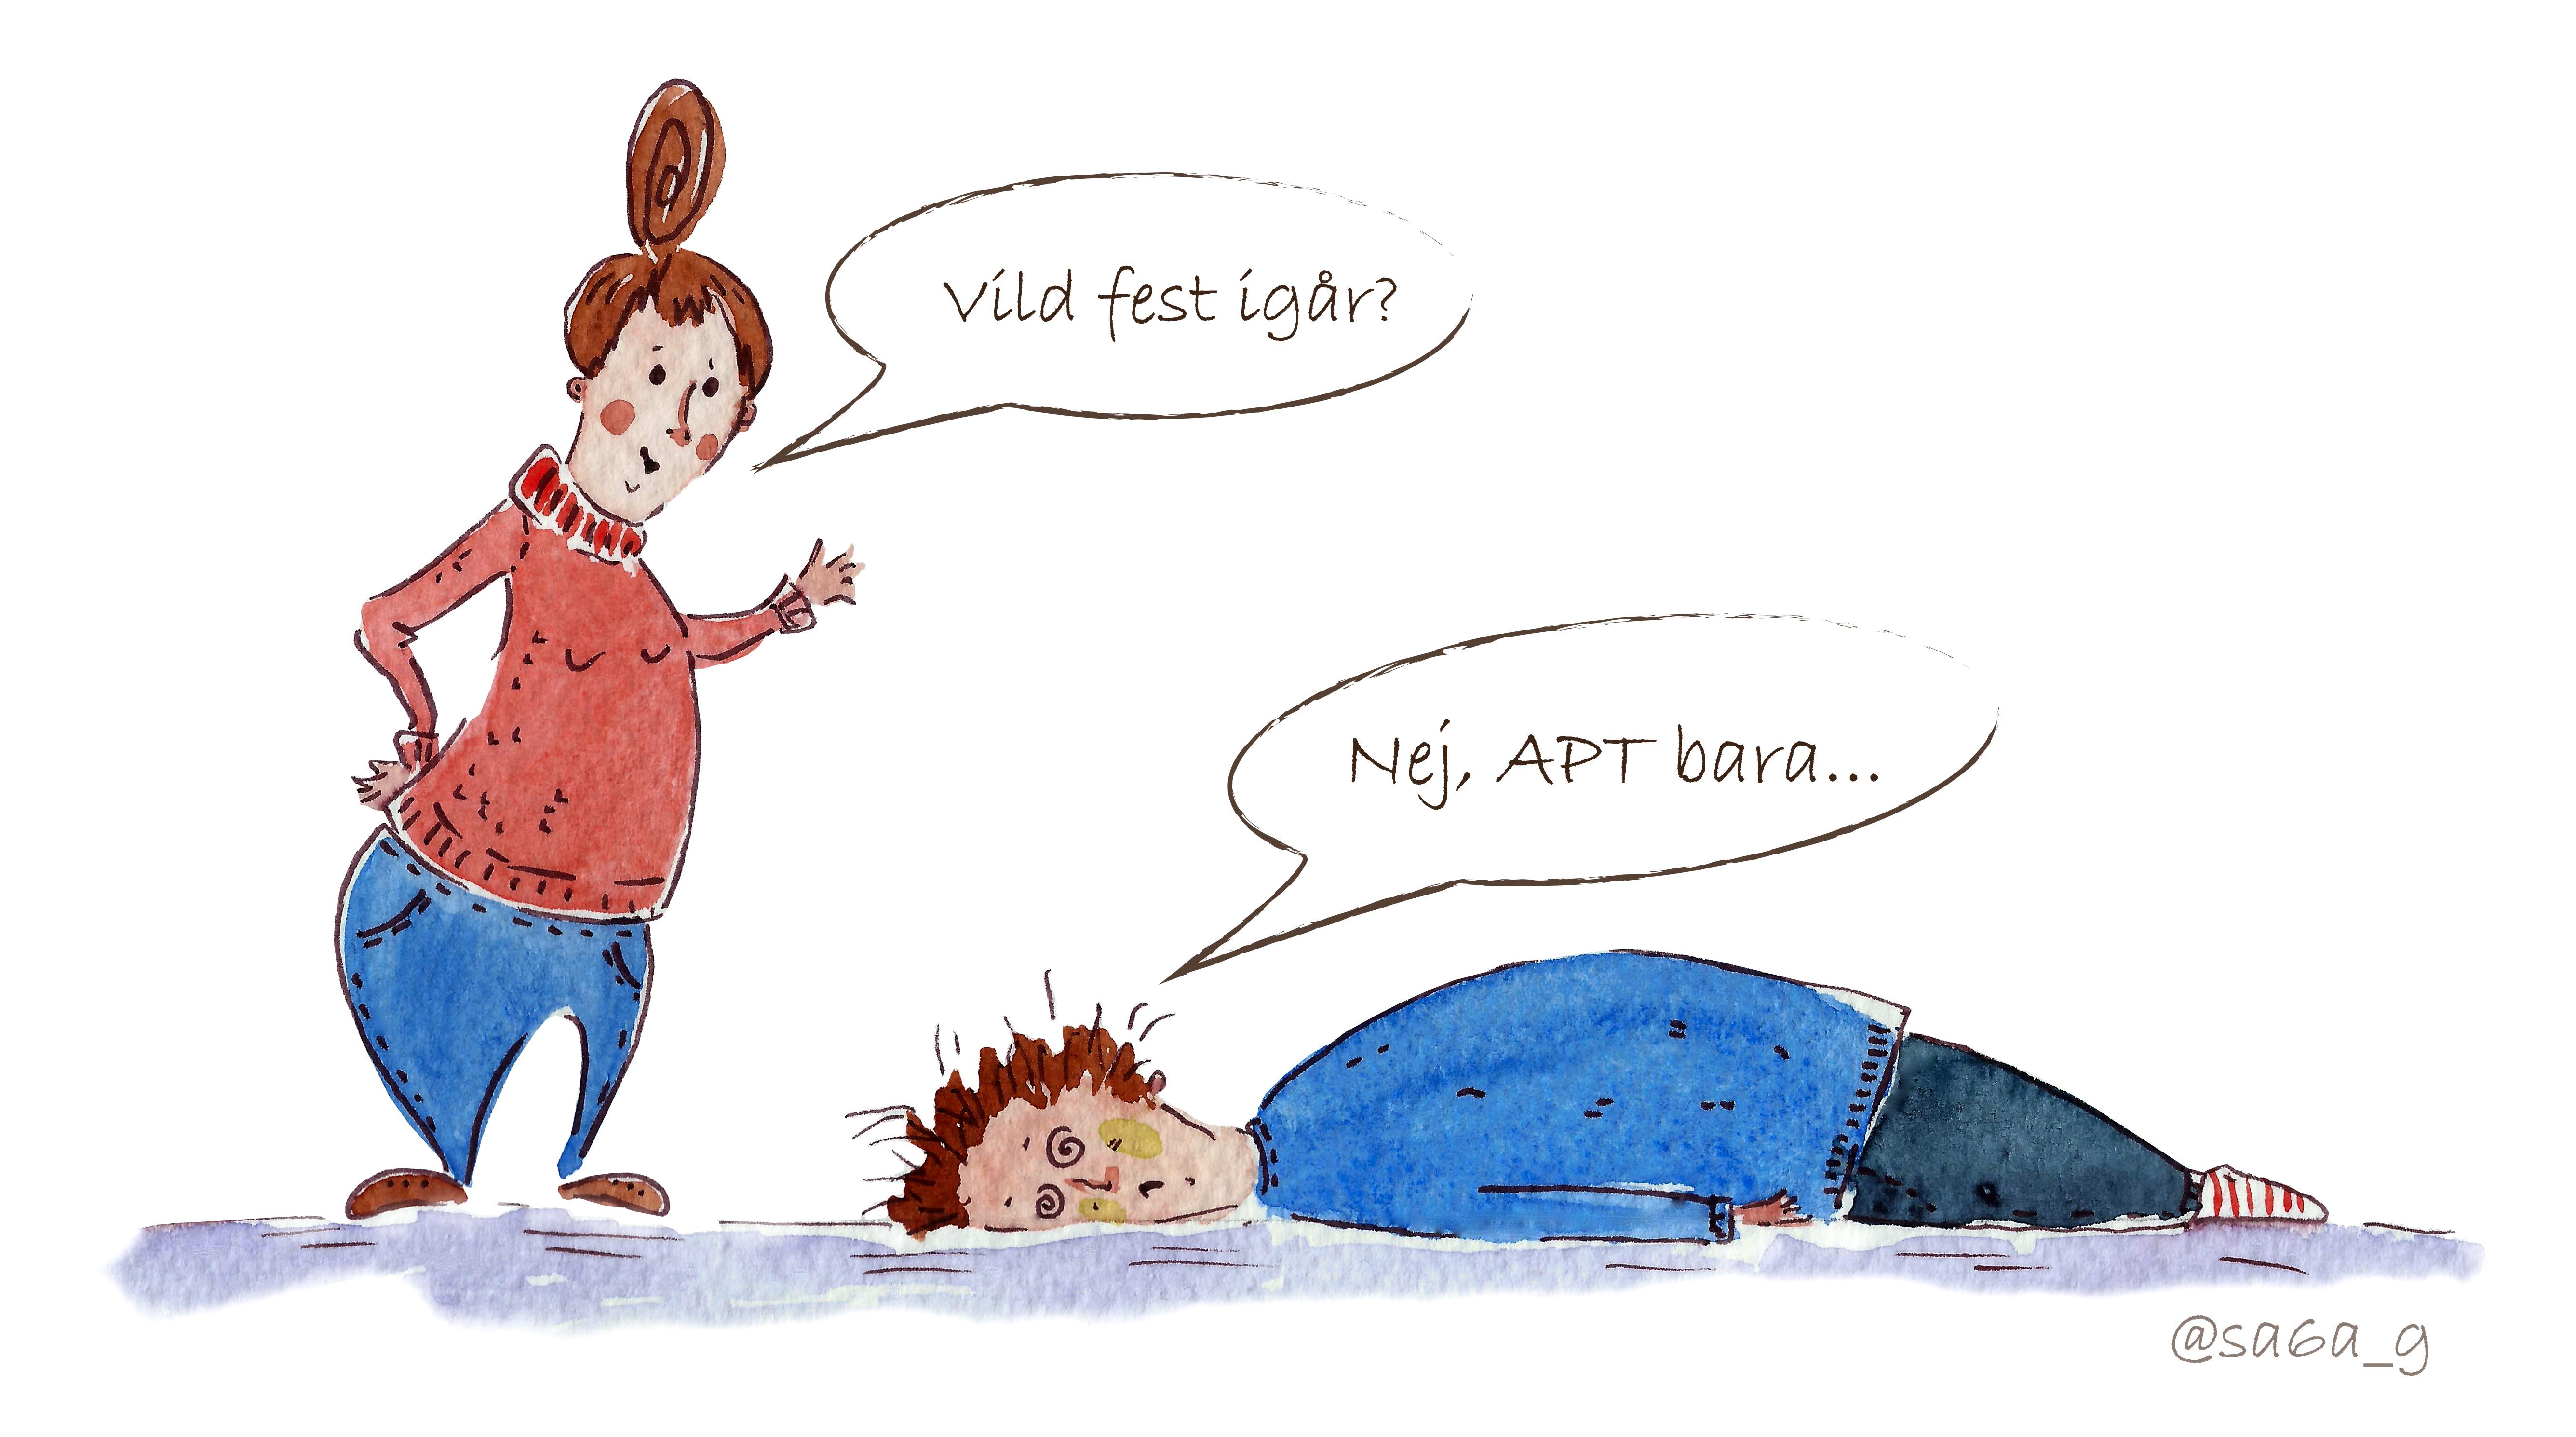 """Stående kvinna frågar """"Vild fest igår""""? Utslagen kvinna som ligger på golvet svarar: """"Nej, APT bara"""""""